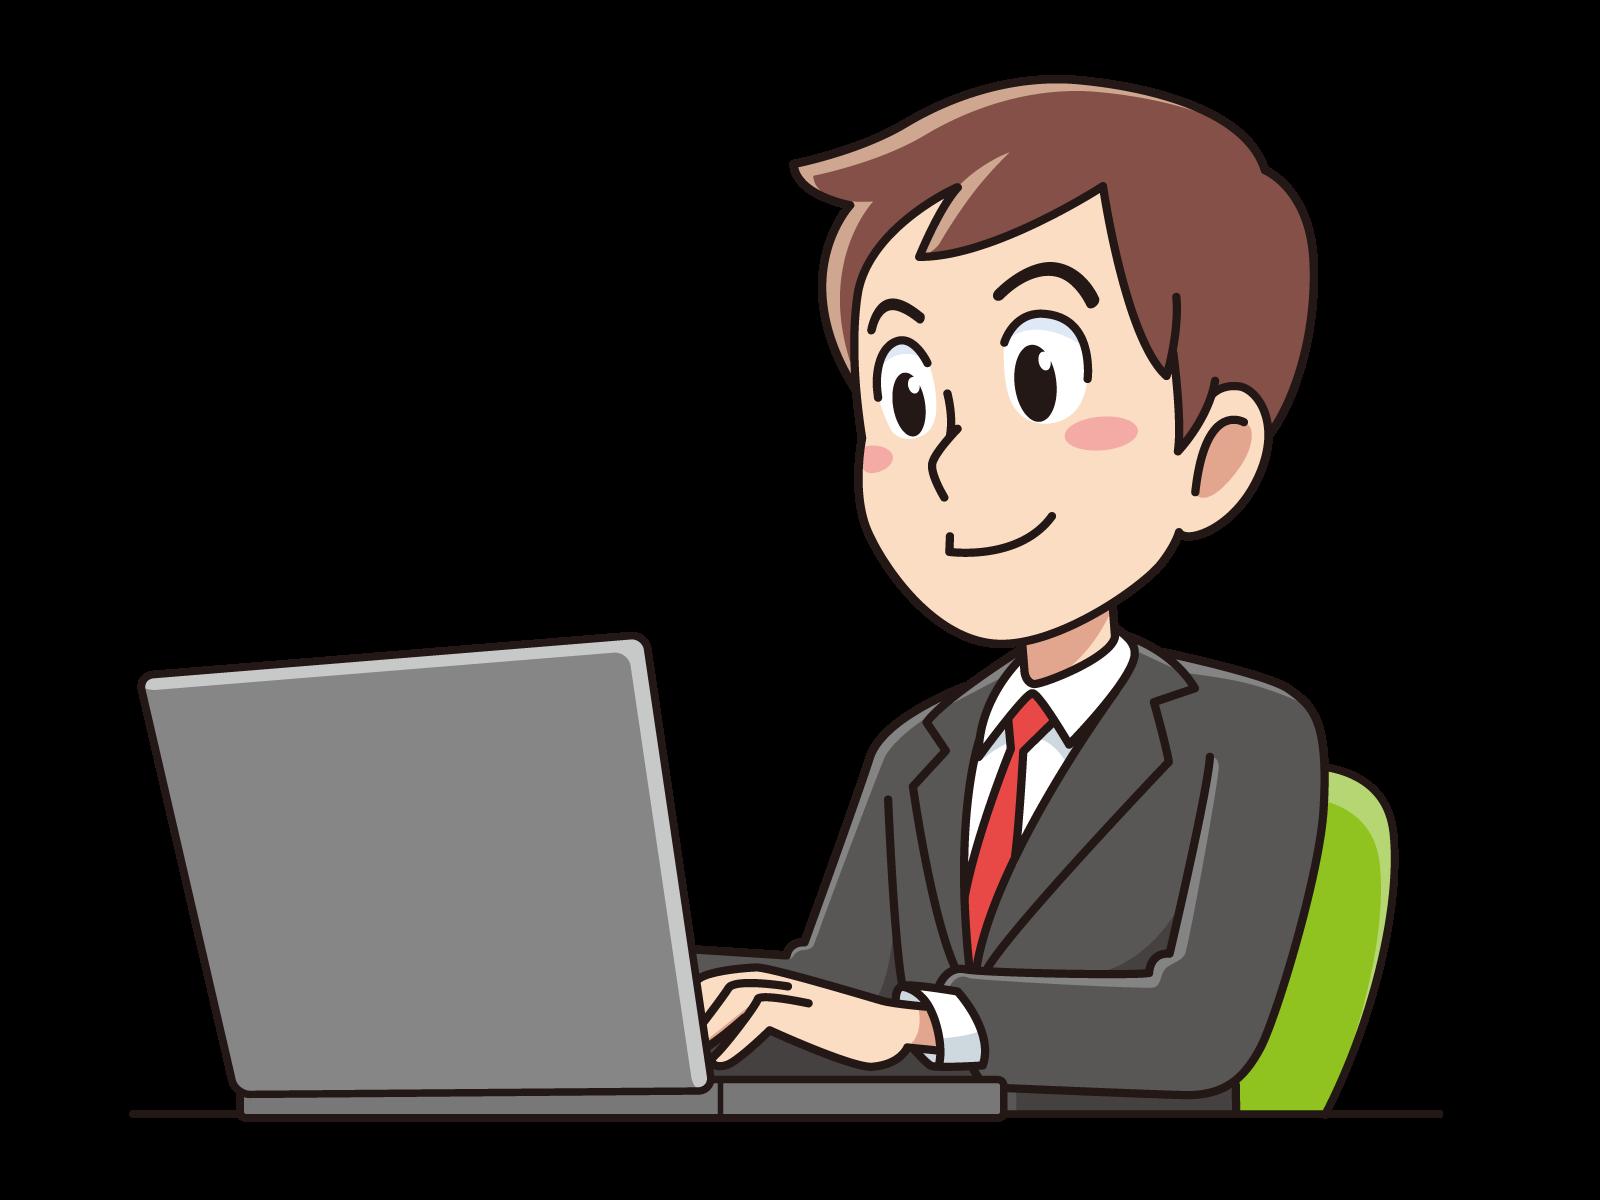 パソコンをする男性教員